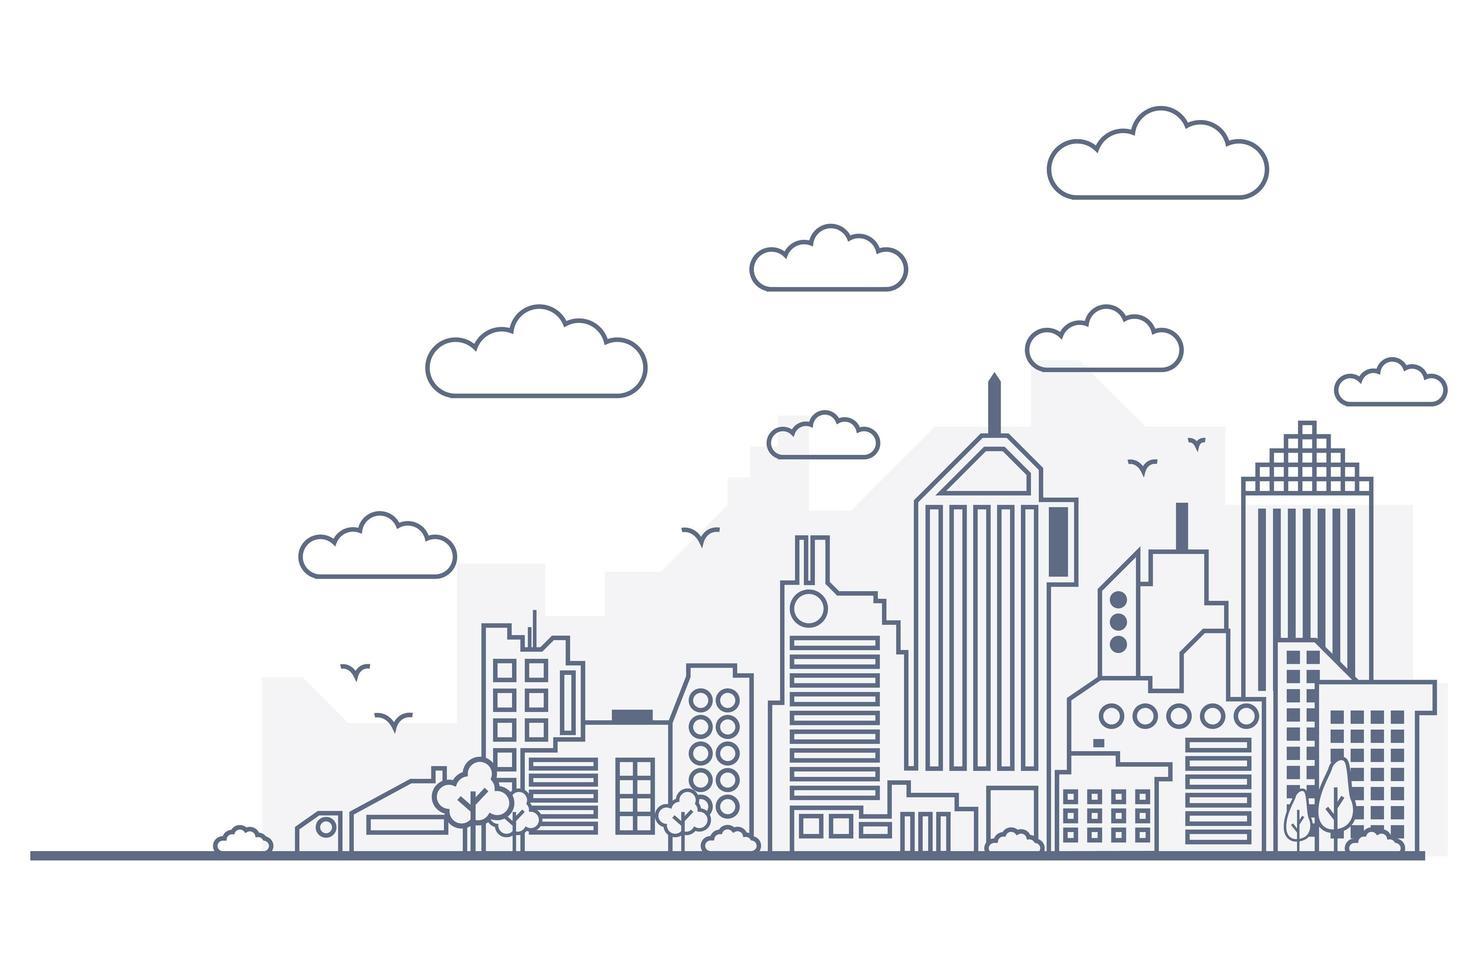 panorama de la ciudad estilo de línea fina vector